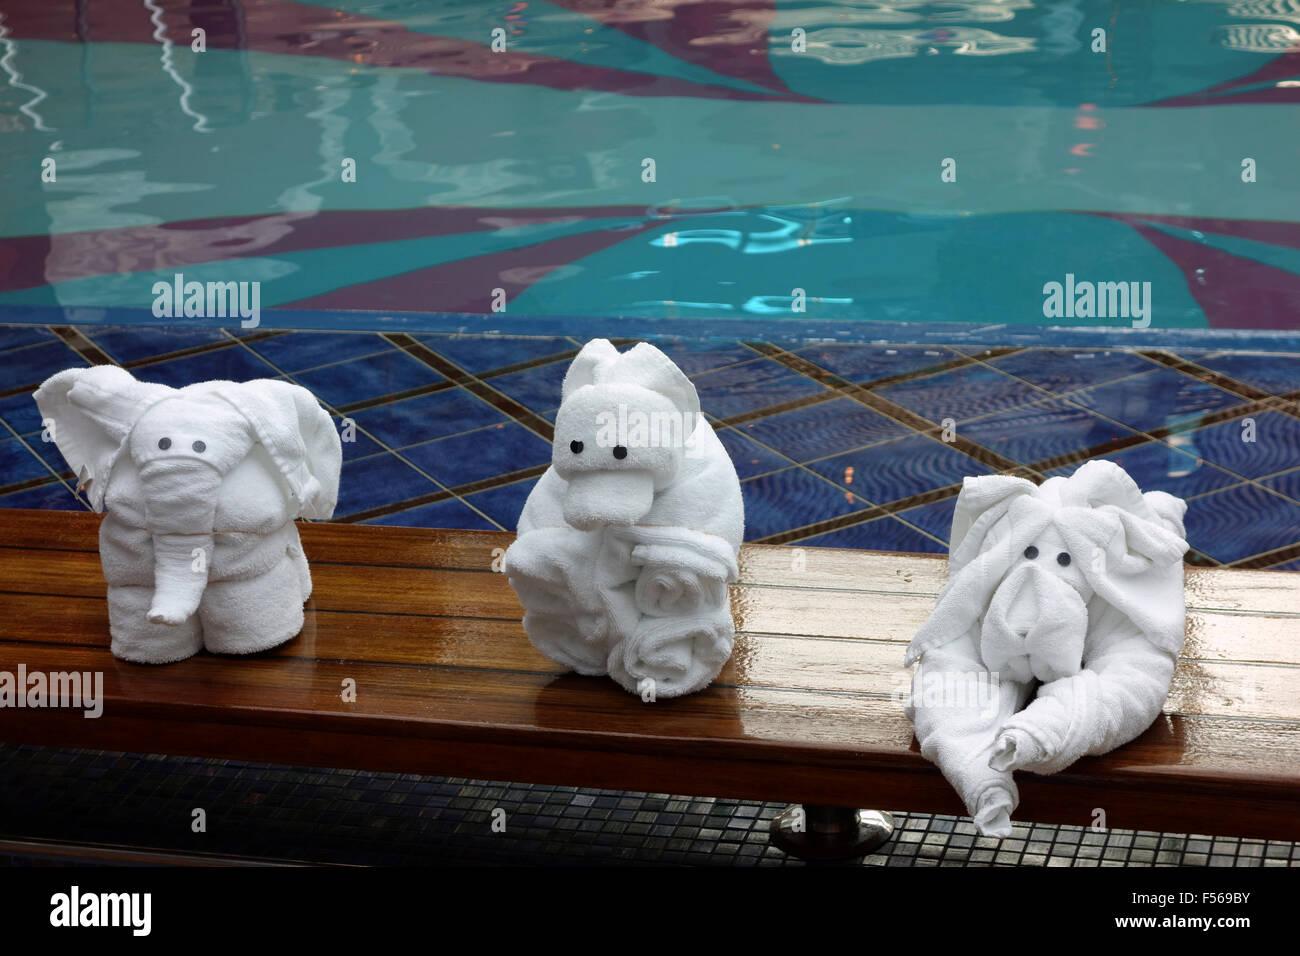 Piegare Gli Asciugamani A Forma Di Animale : Asciugamano origami immagini & asciugamano origami fotos stock alamy